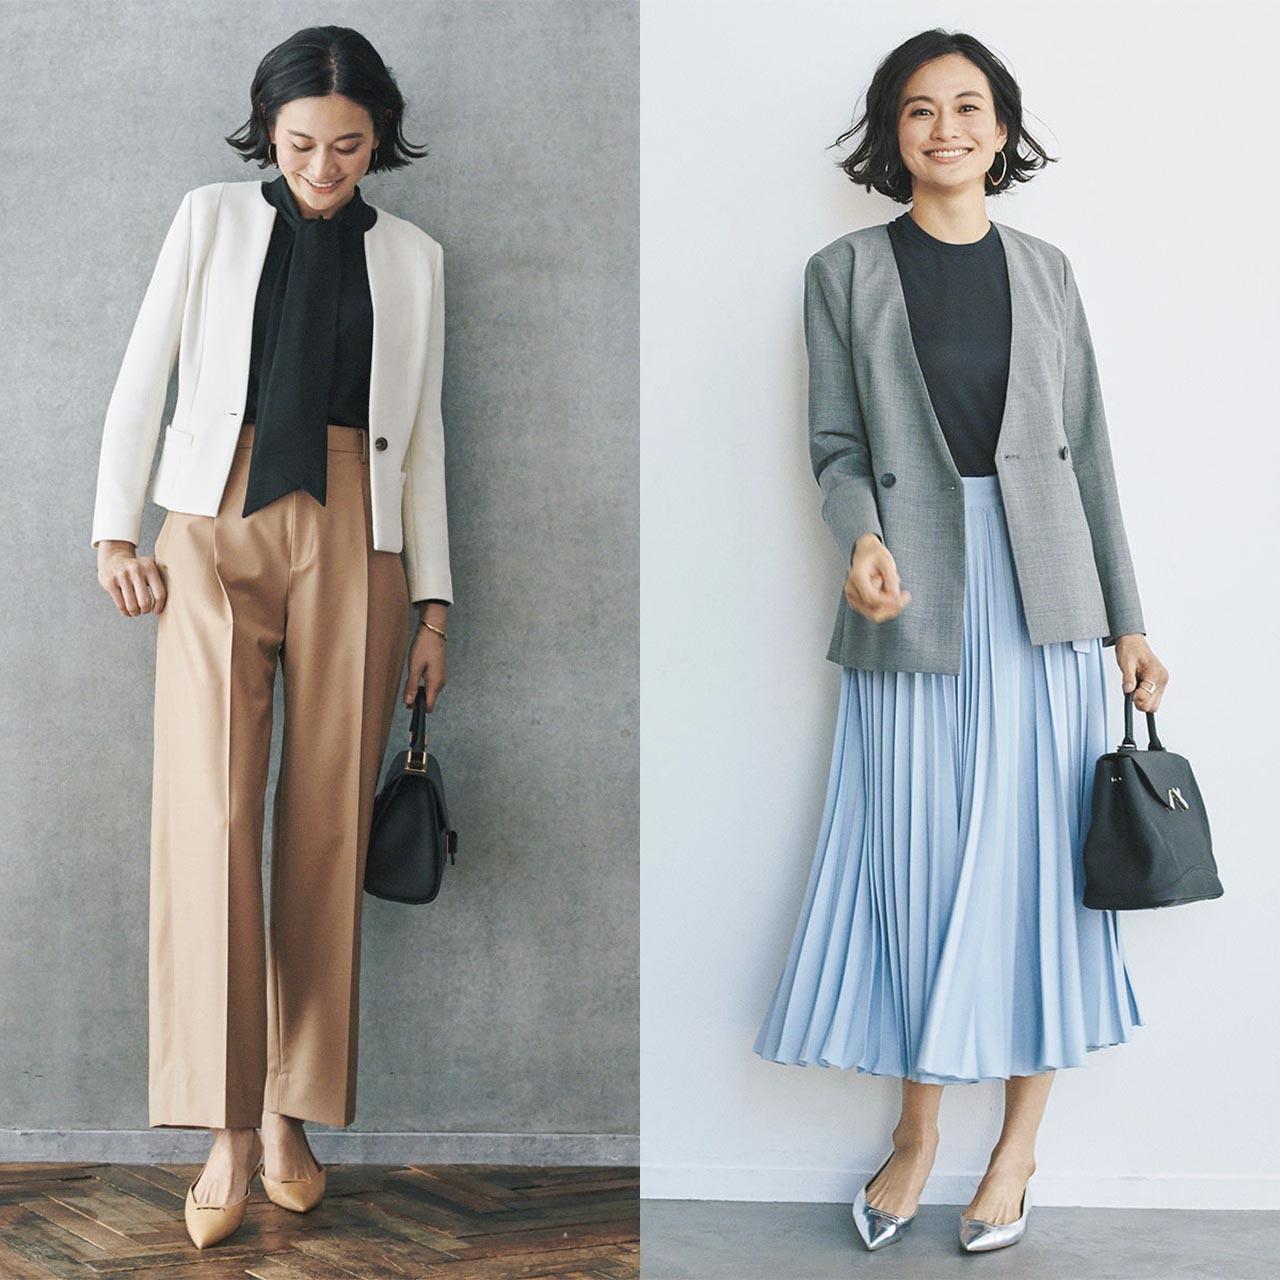 40代のためのジャケット選びとベストな着こなしのまとめ|レディースファッション